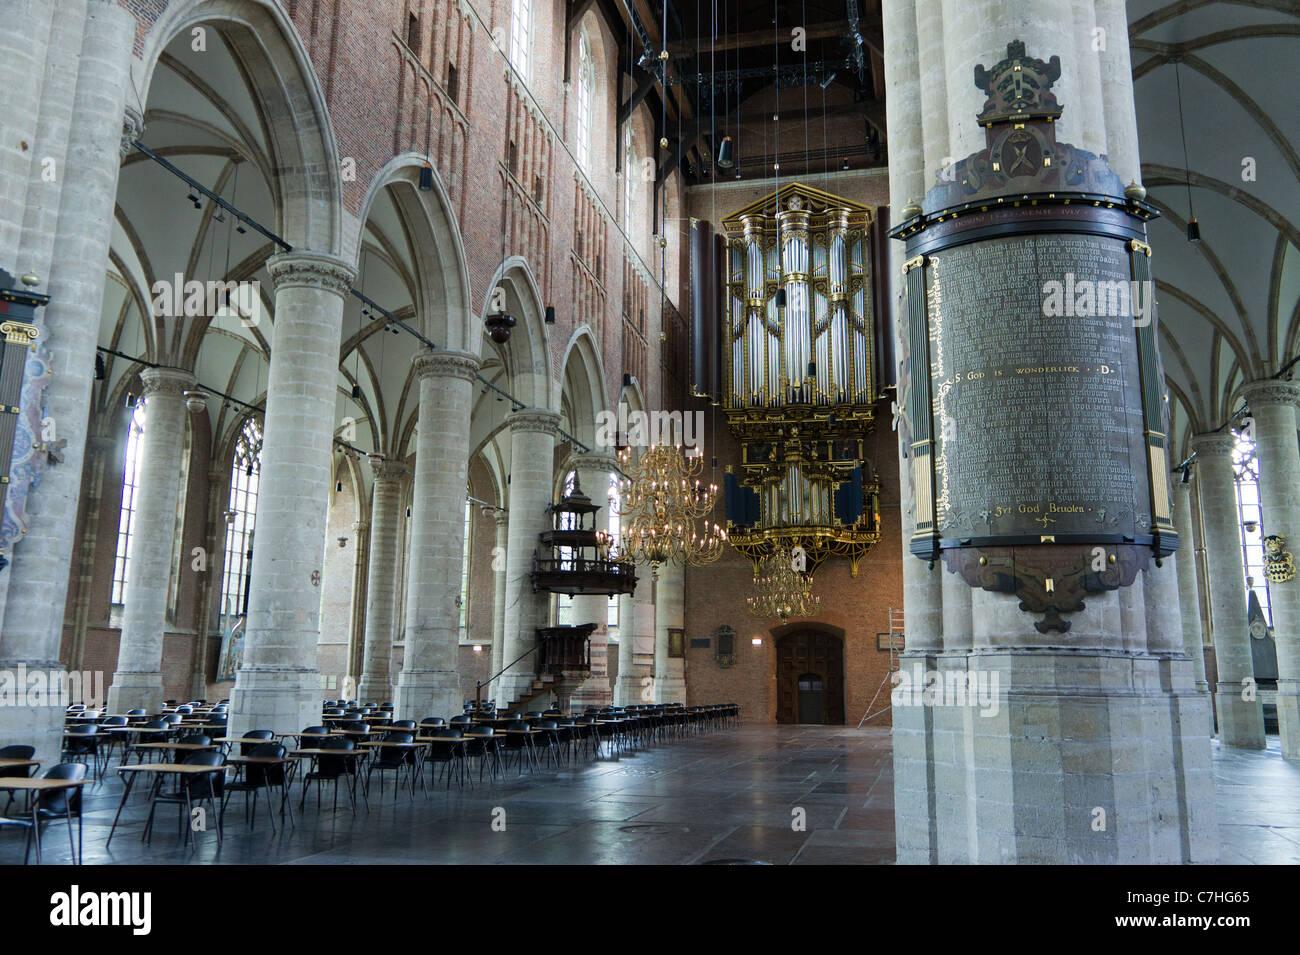 Die Pieterskerk ist eine spätgotische Kirche in Leiden, Holland. Die Kirche der Pilgerväter, wo John Robinson begraben Stockfoto